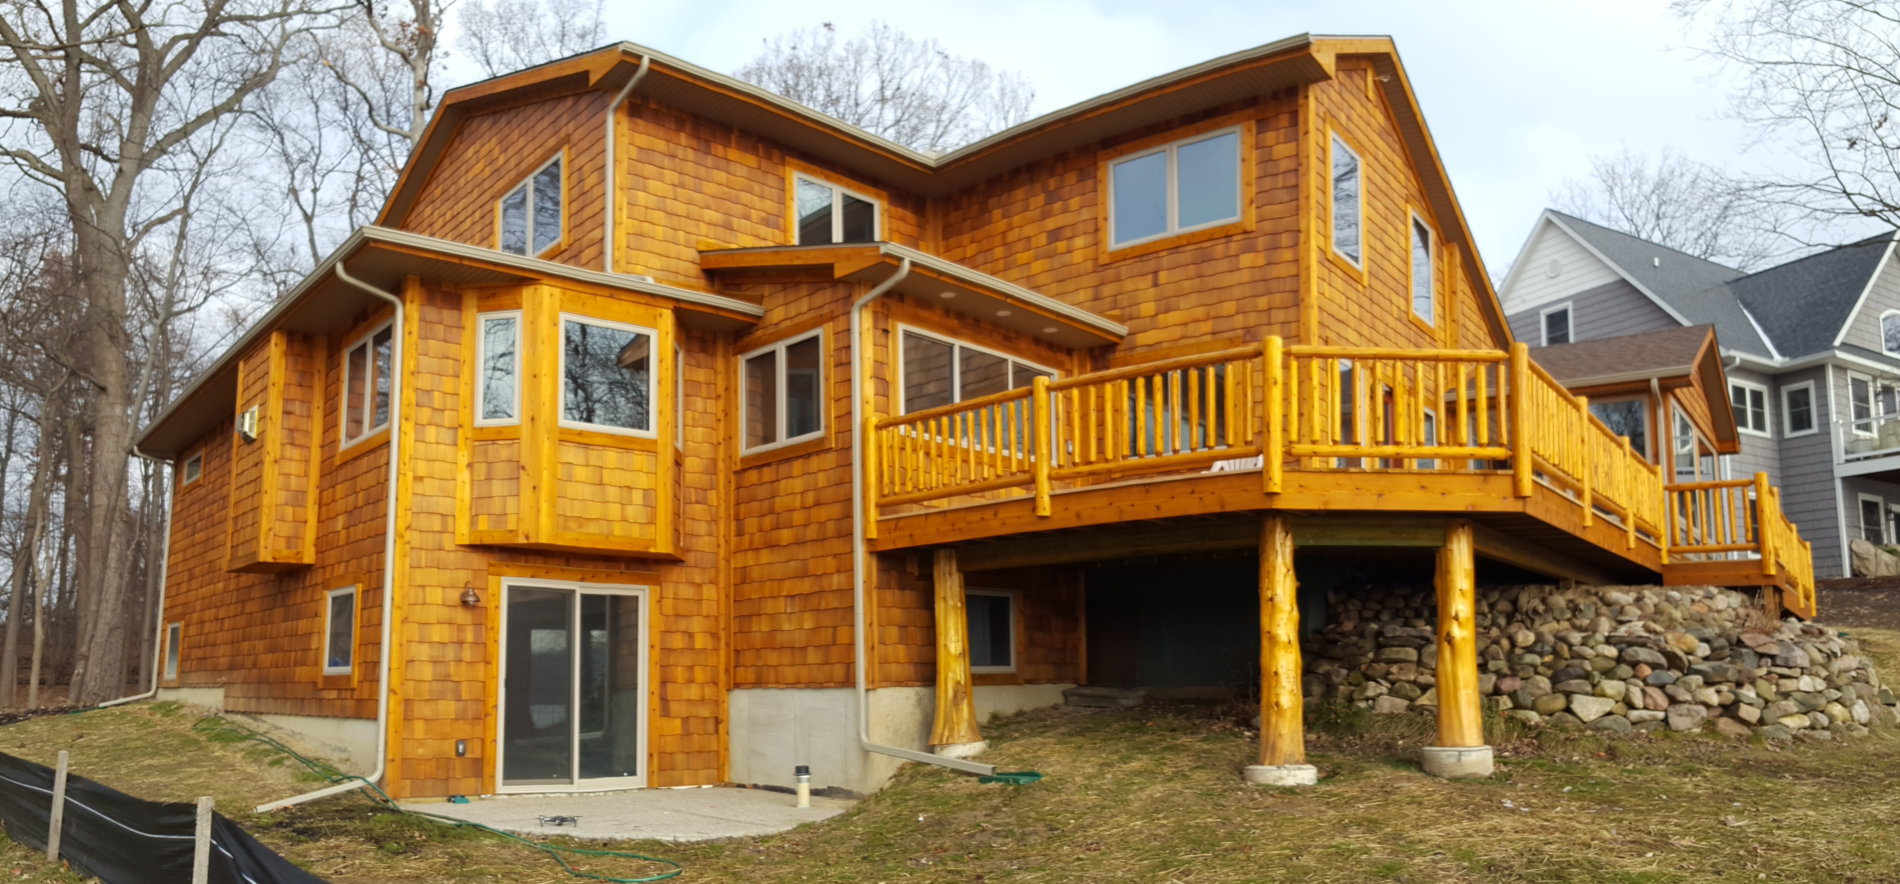 Lake Front Cottage Remodel